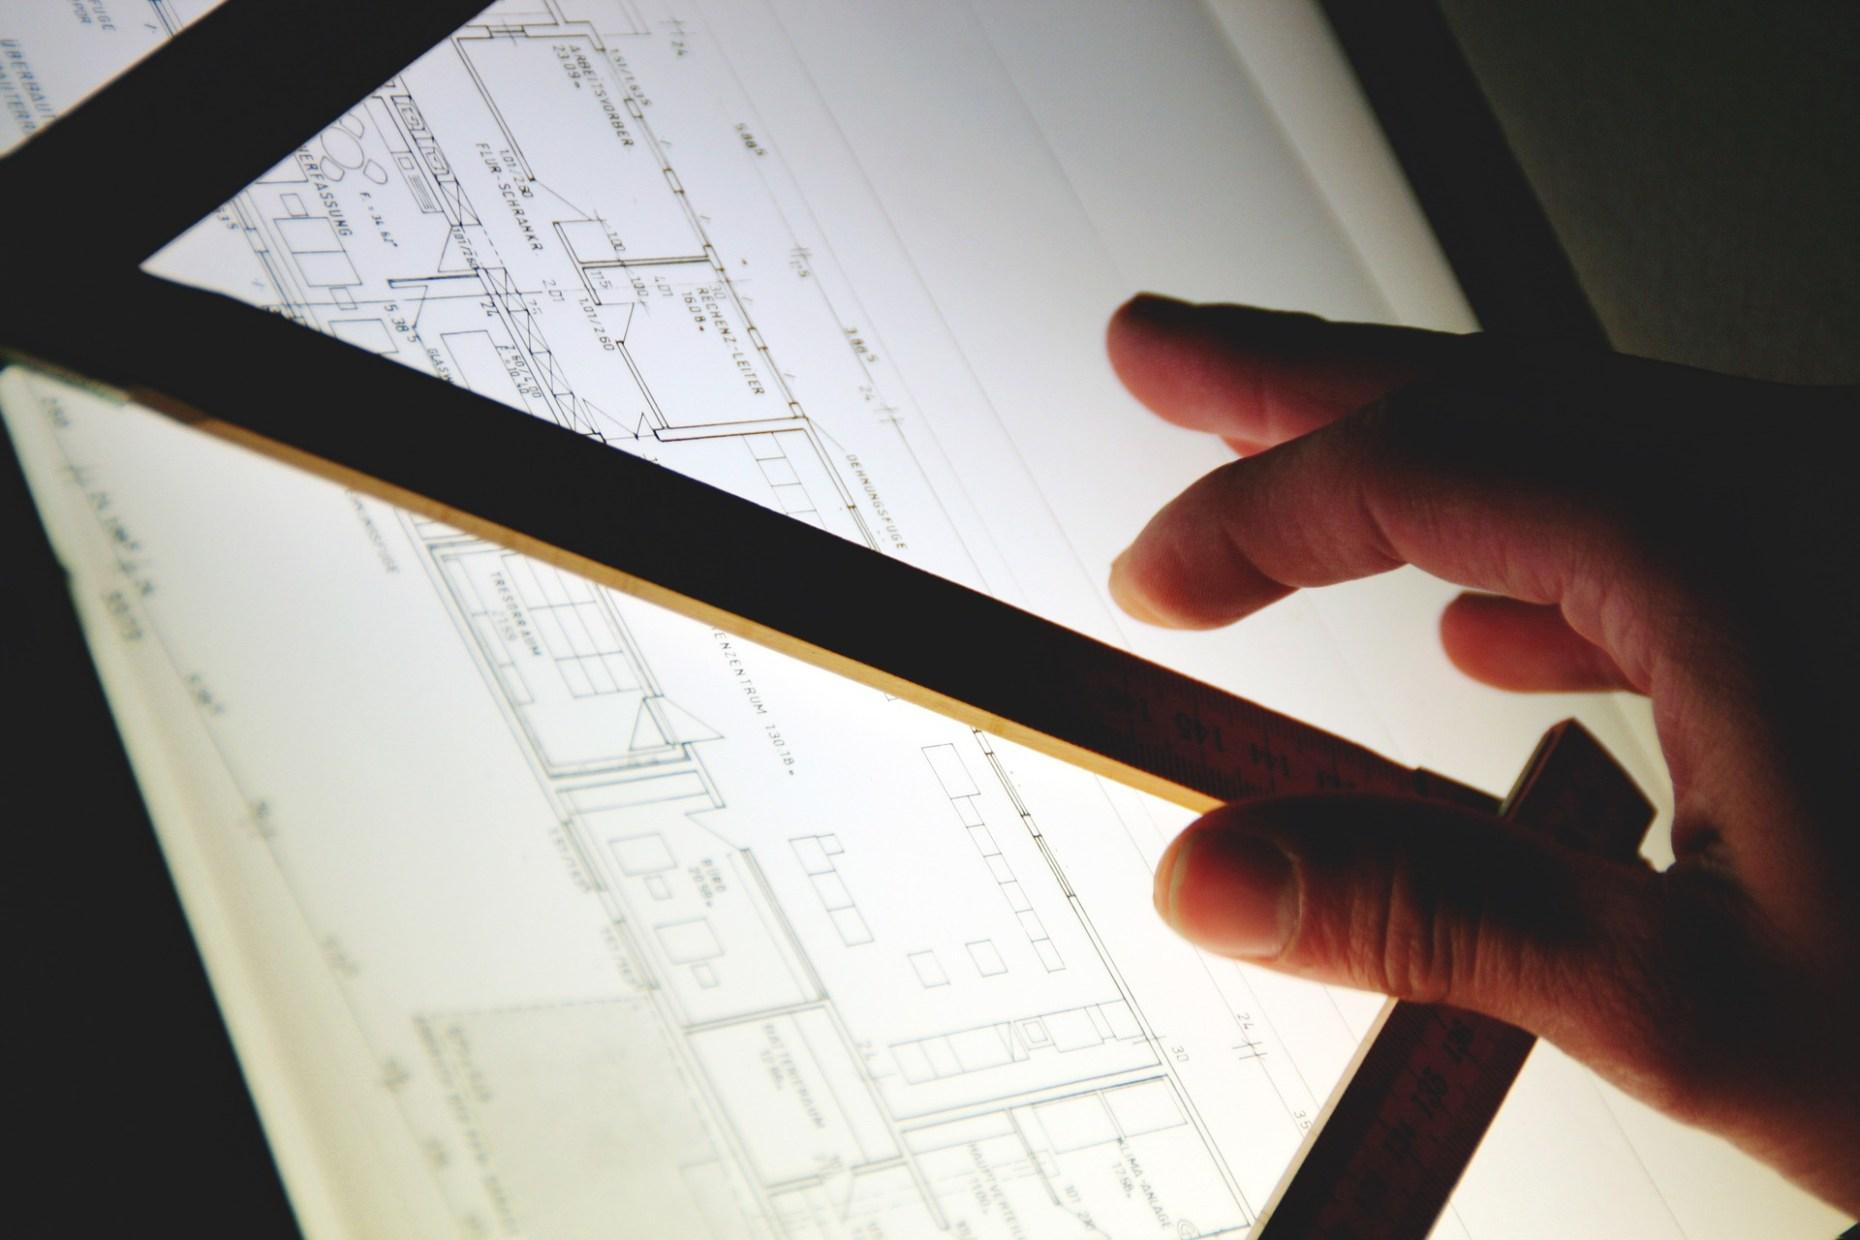 qu'est-ce que l'Ordre des architectes ? Réponse par Archibien